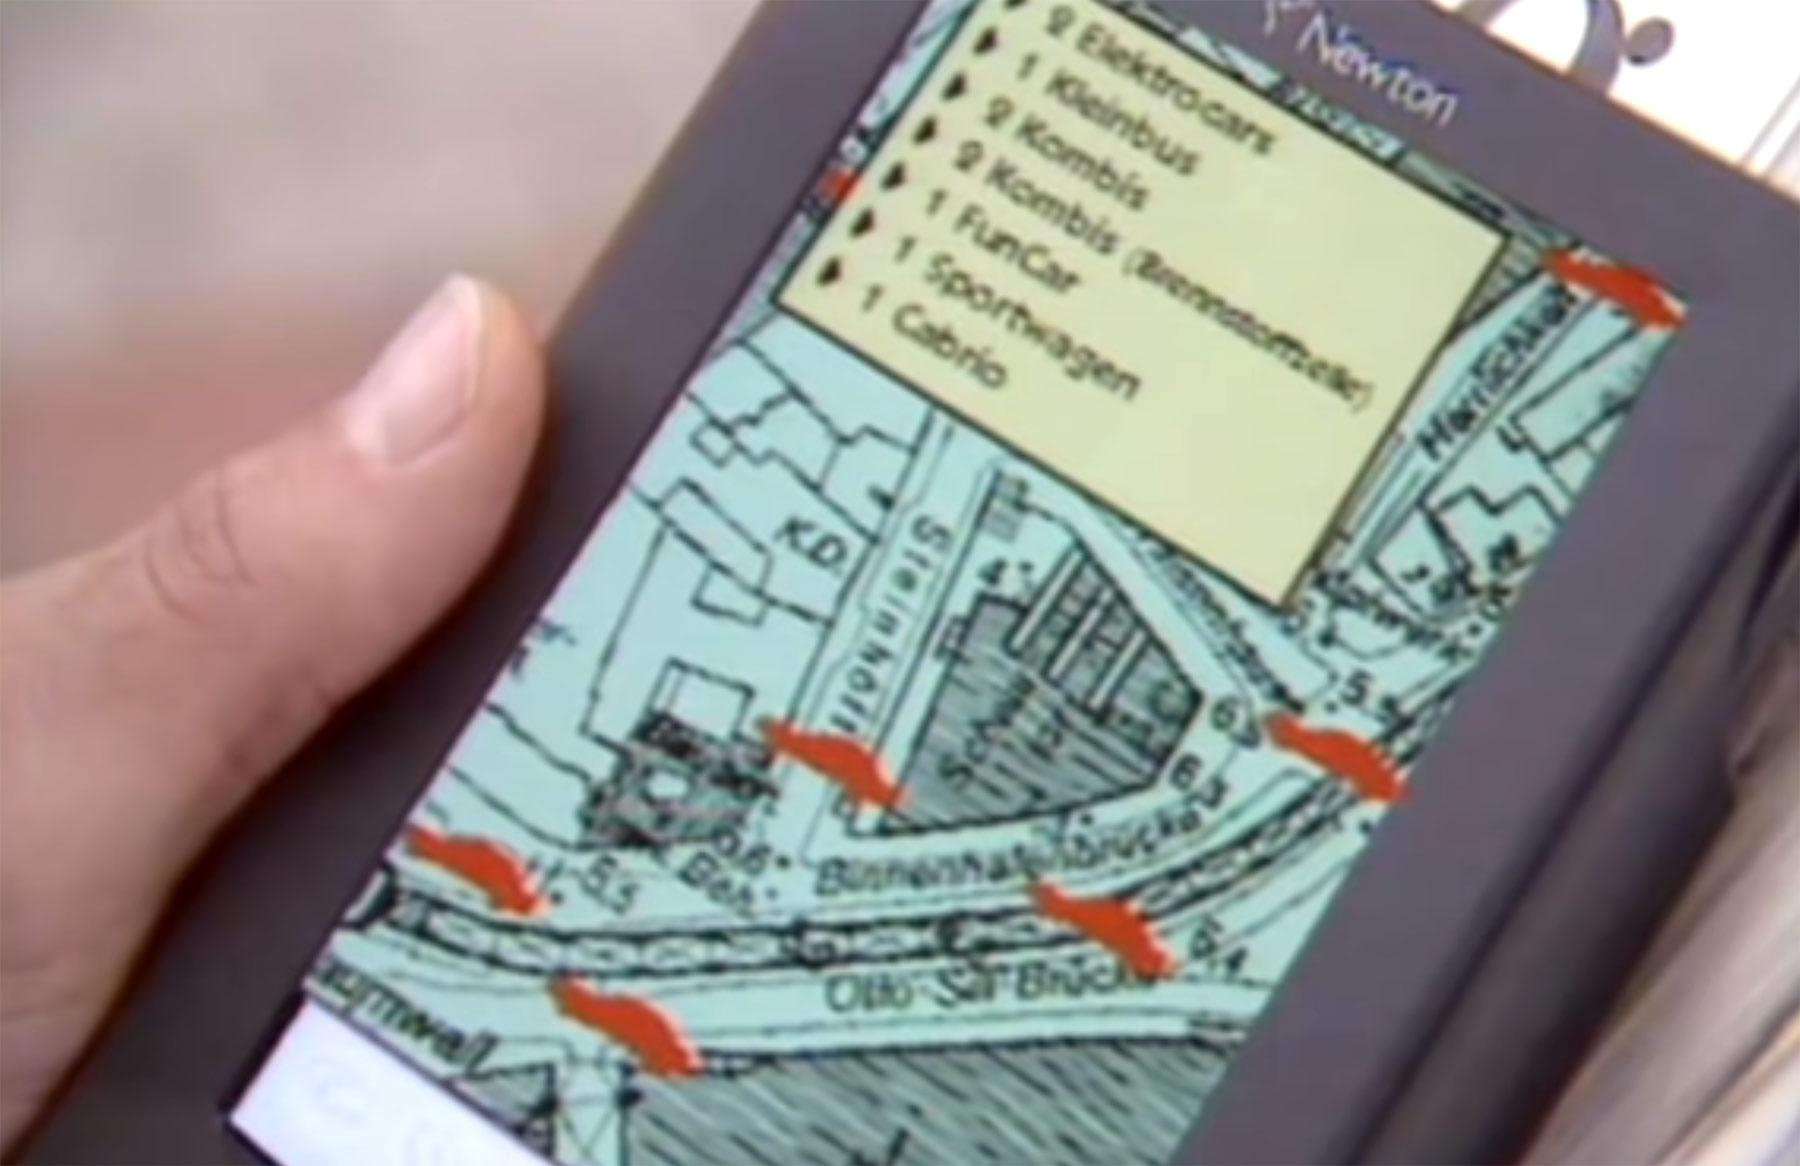 Zukunftsvision aus 1994: So stellte man sich Carsharing und Navigation vor